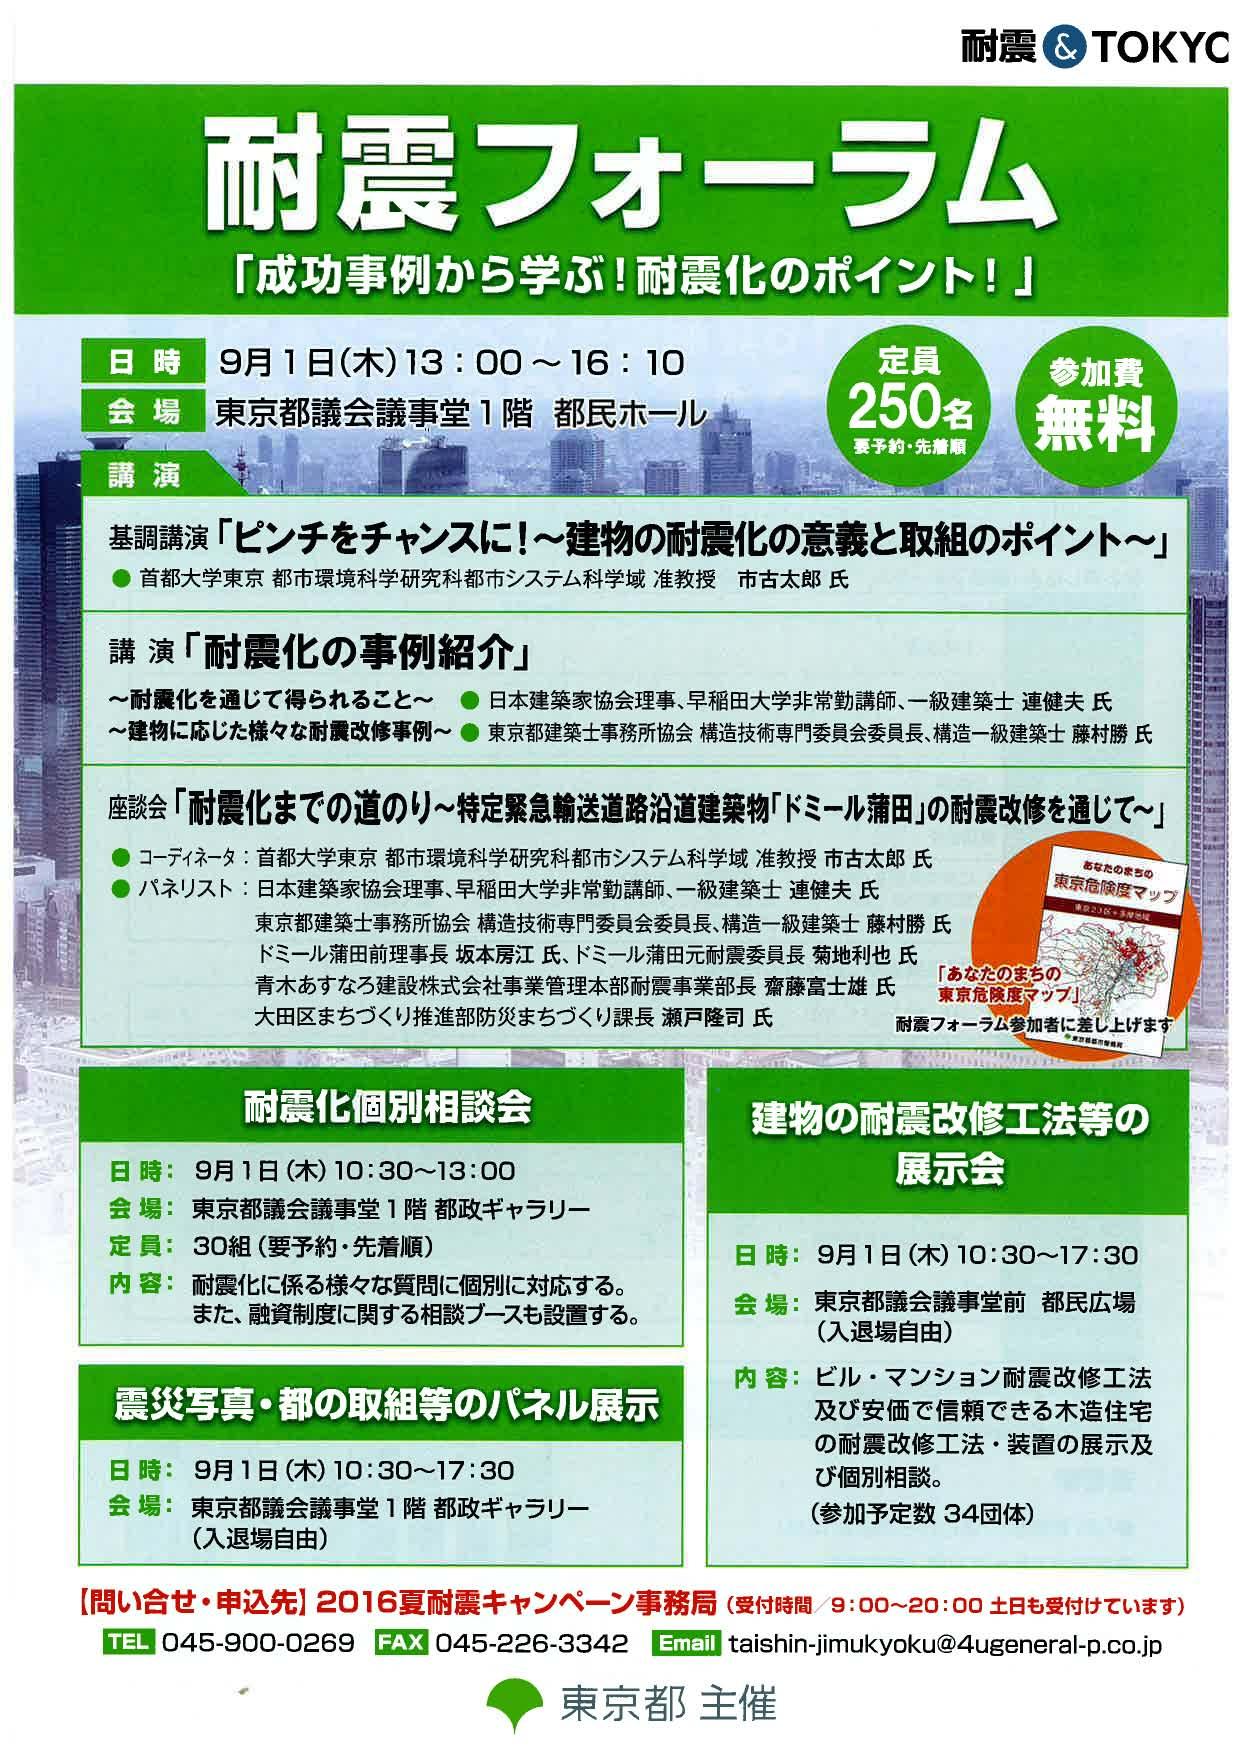 耐震フォーラム2016